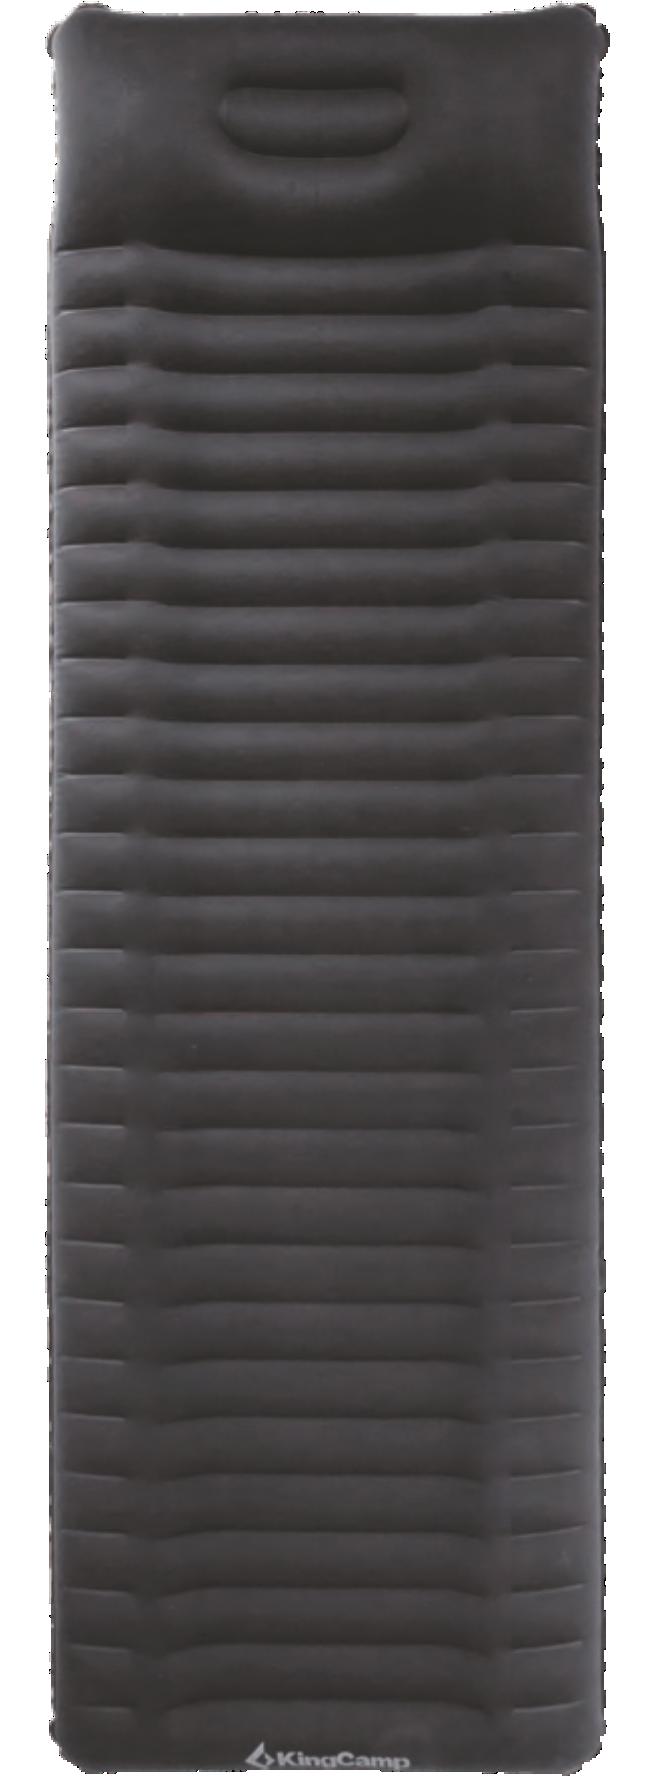 1904 DELUX COMFORT коврик самонад (черный, 210 х 65 х 10/18 см) от King Camp